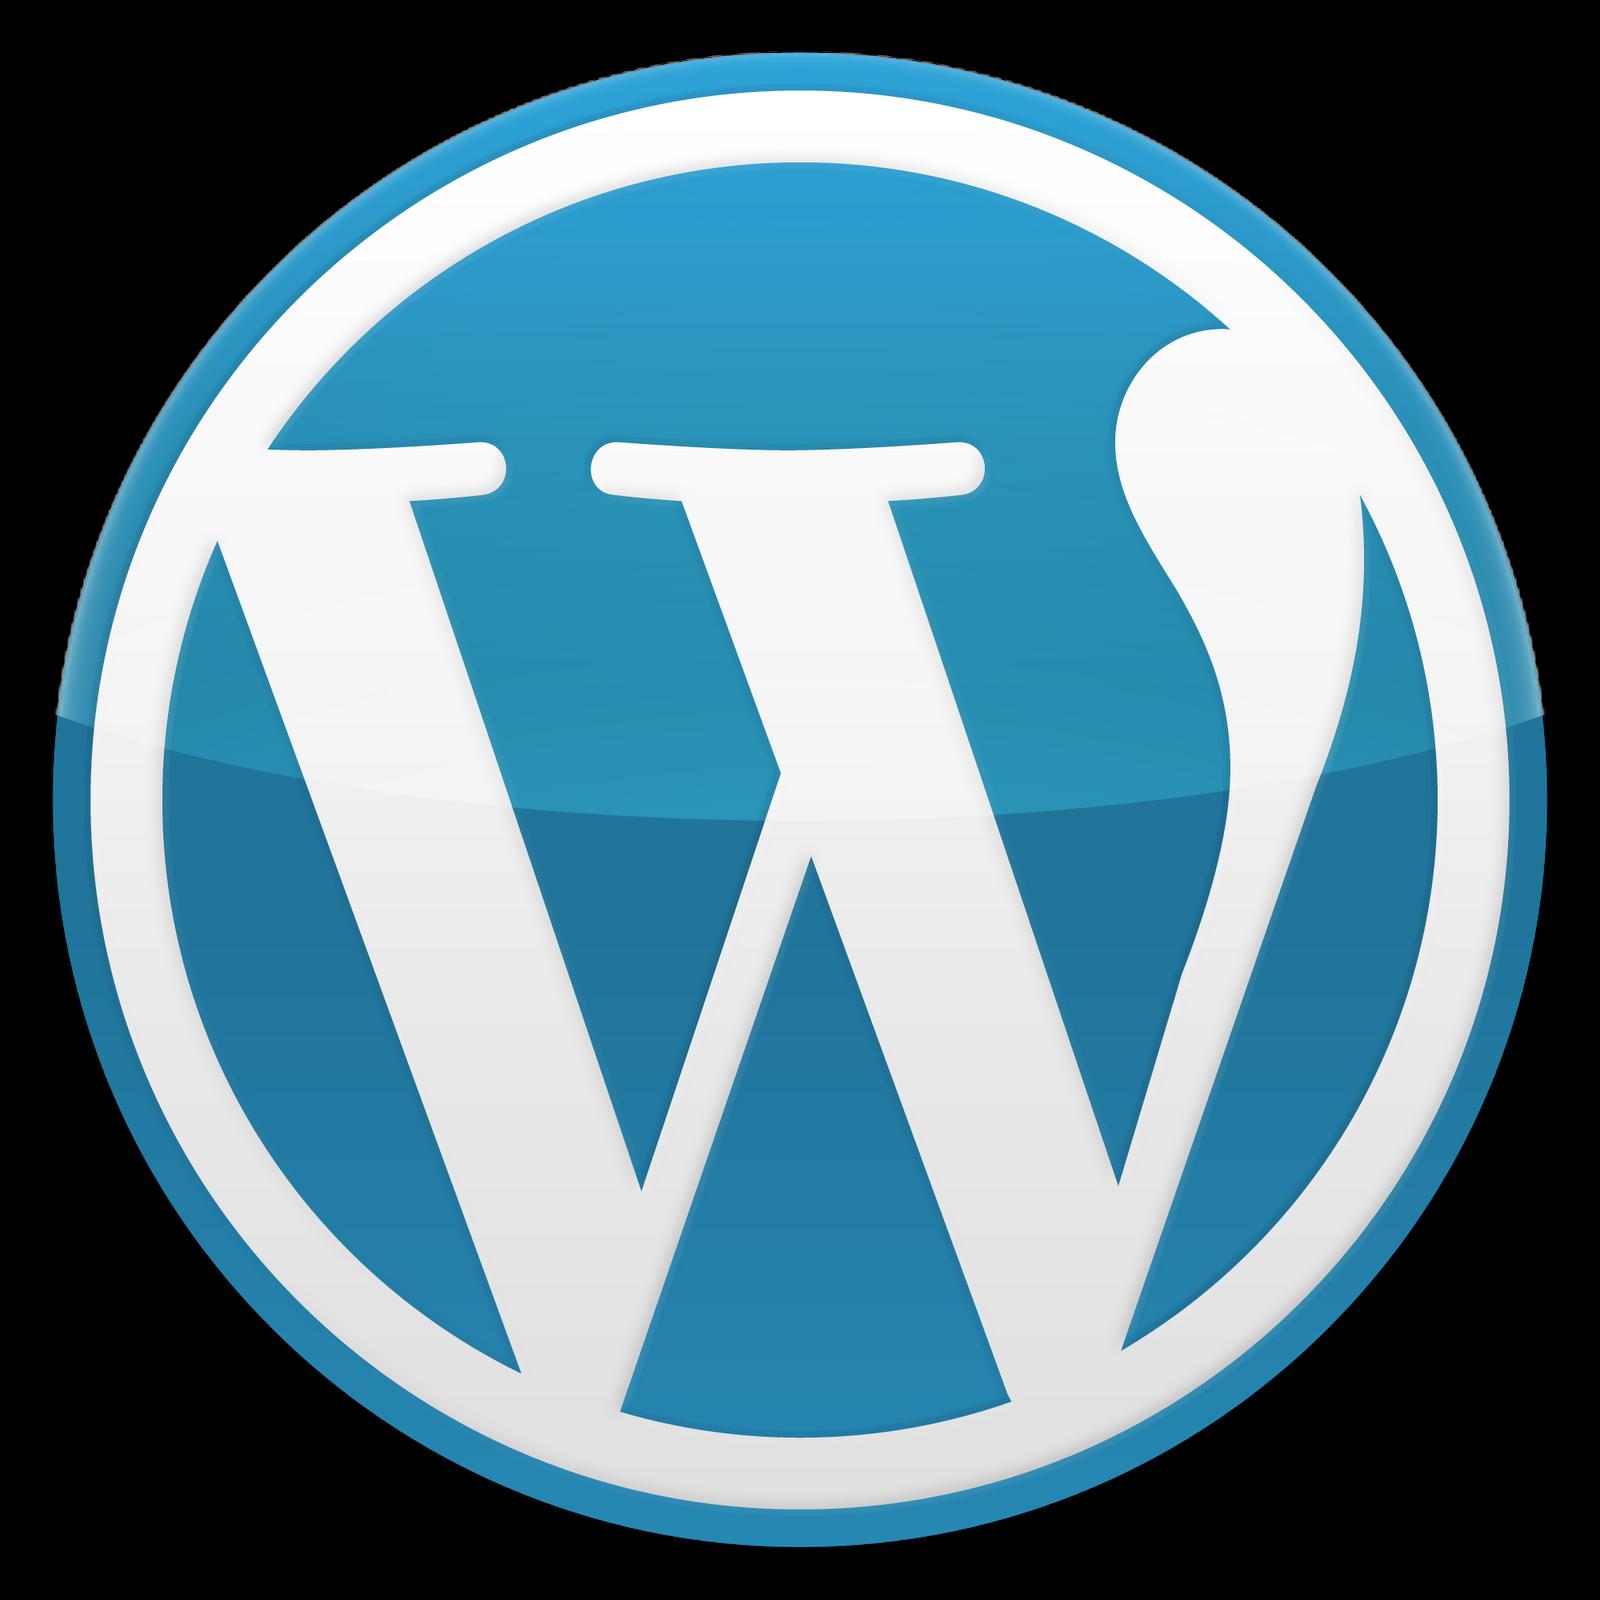 Blogschritte - So wird dein Blog erfolgreich